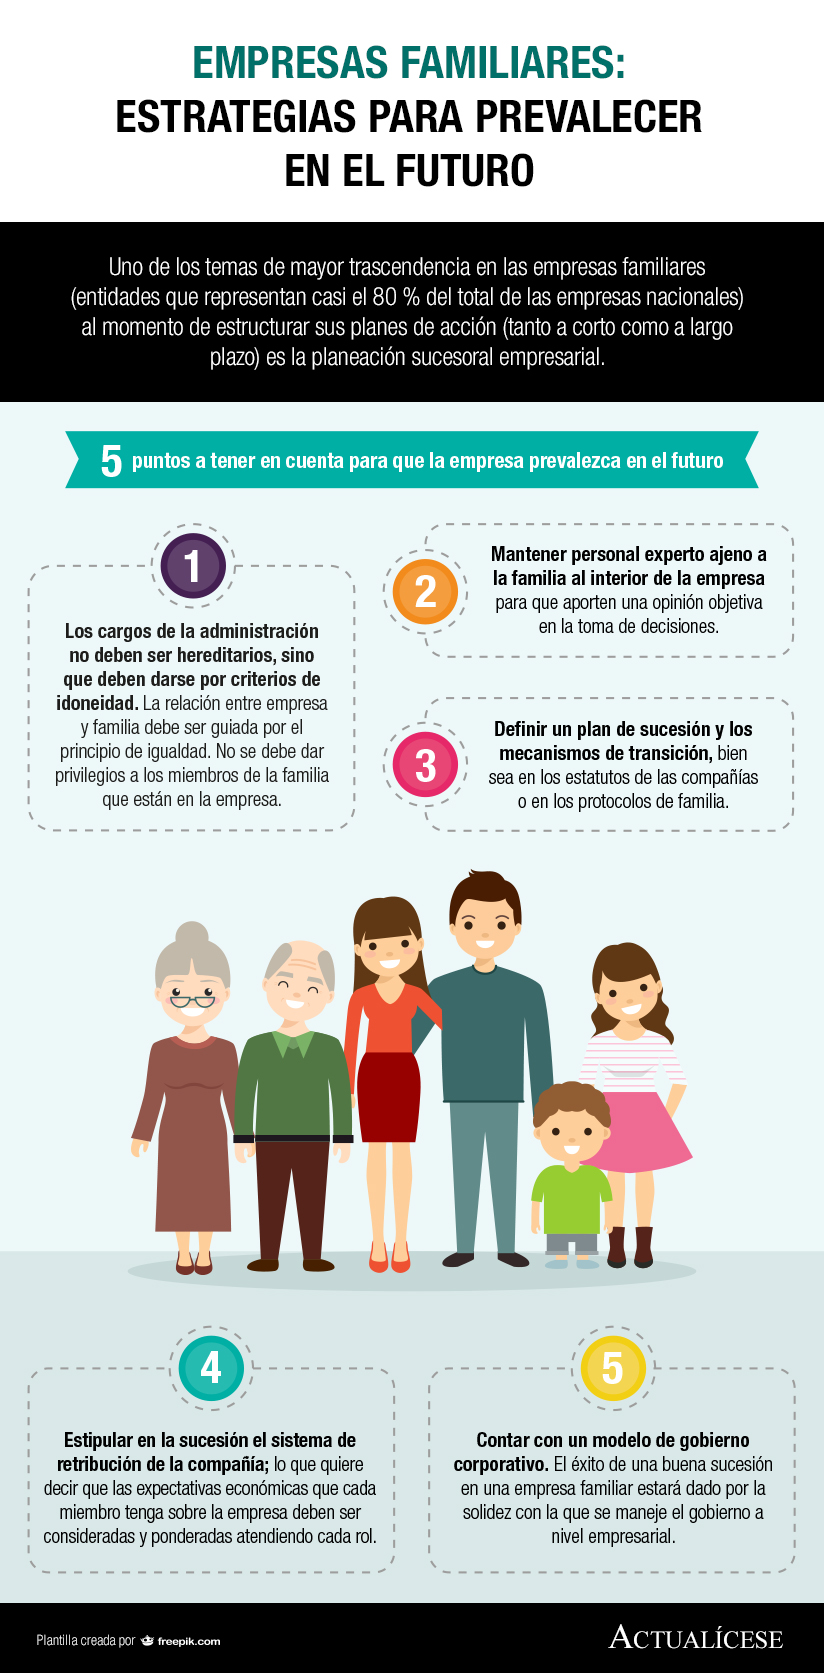 [Infografía] Empresas familiares: estrategias para prevalecer en el futuro